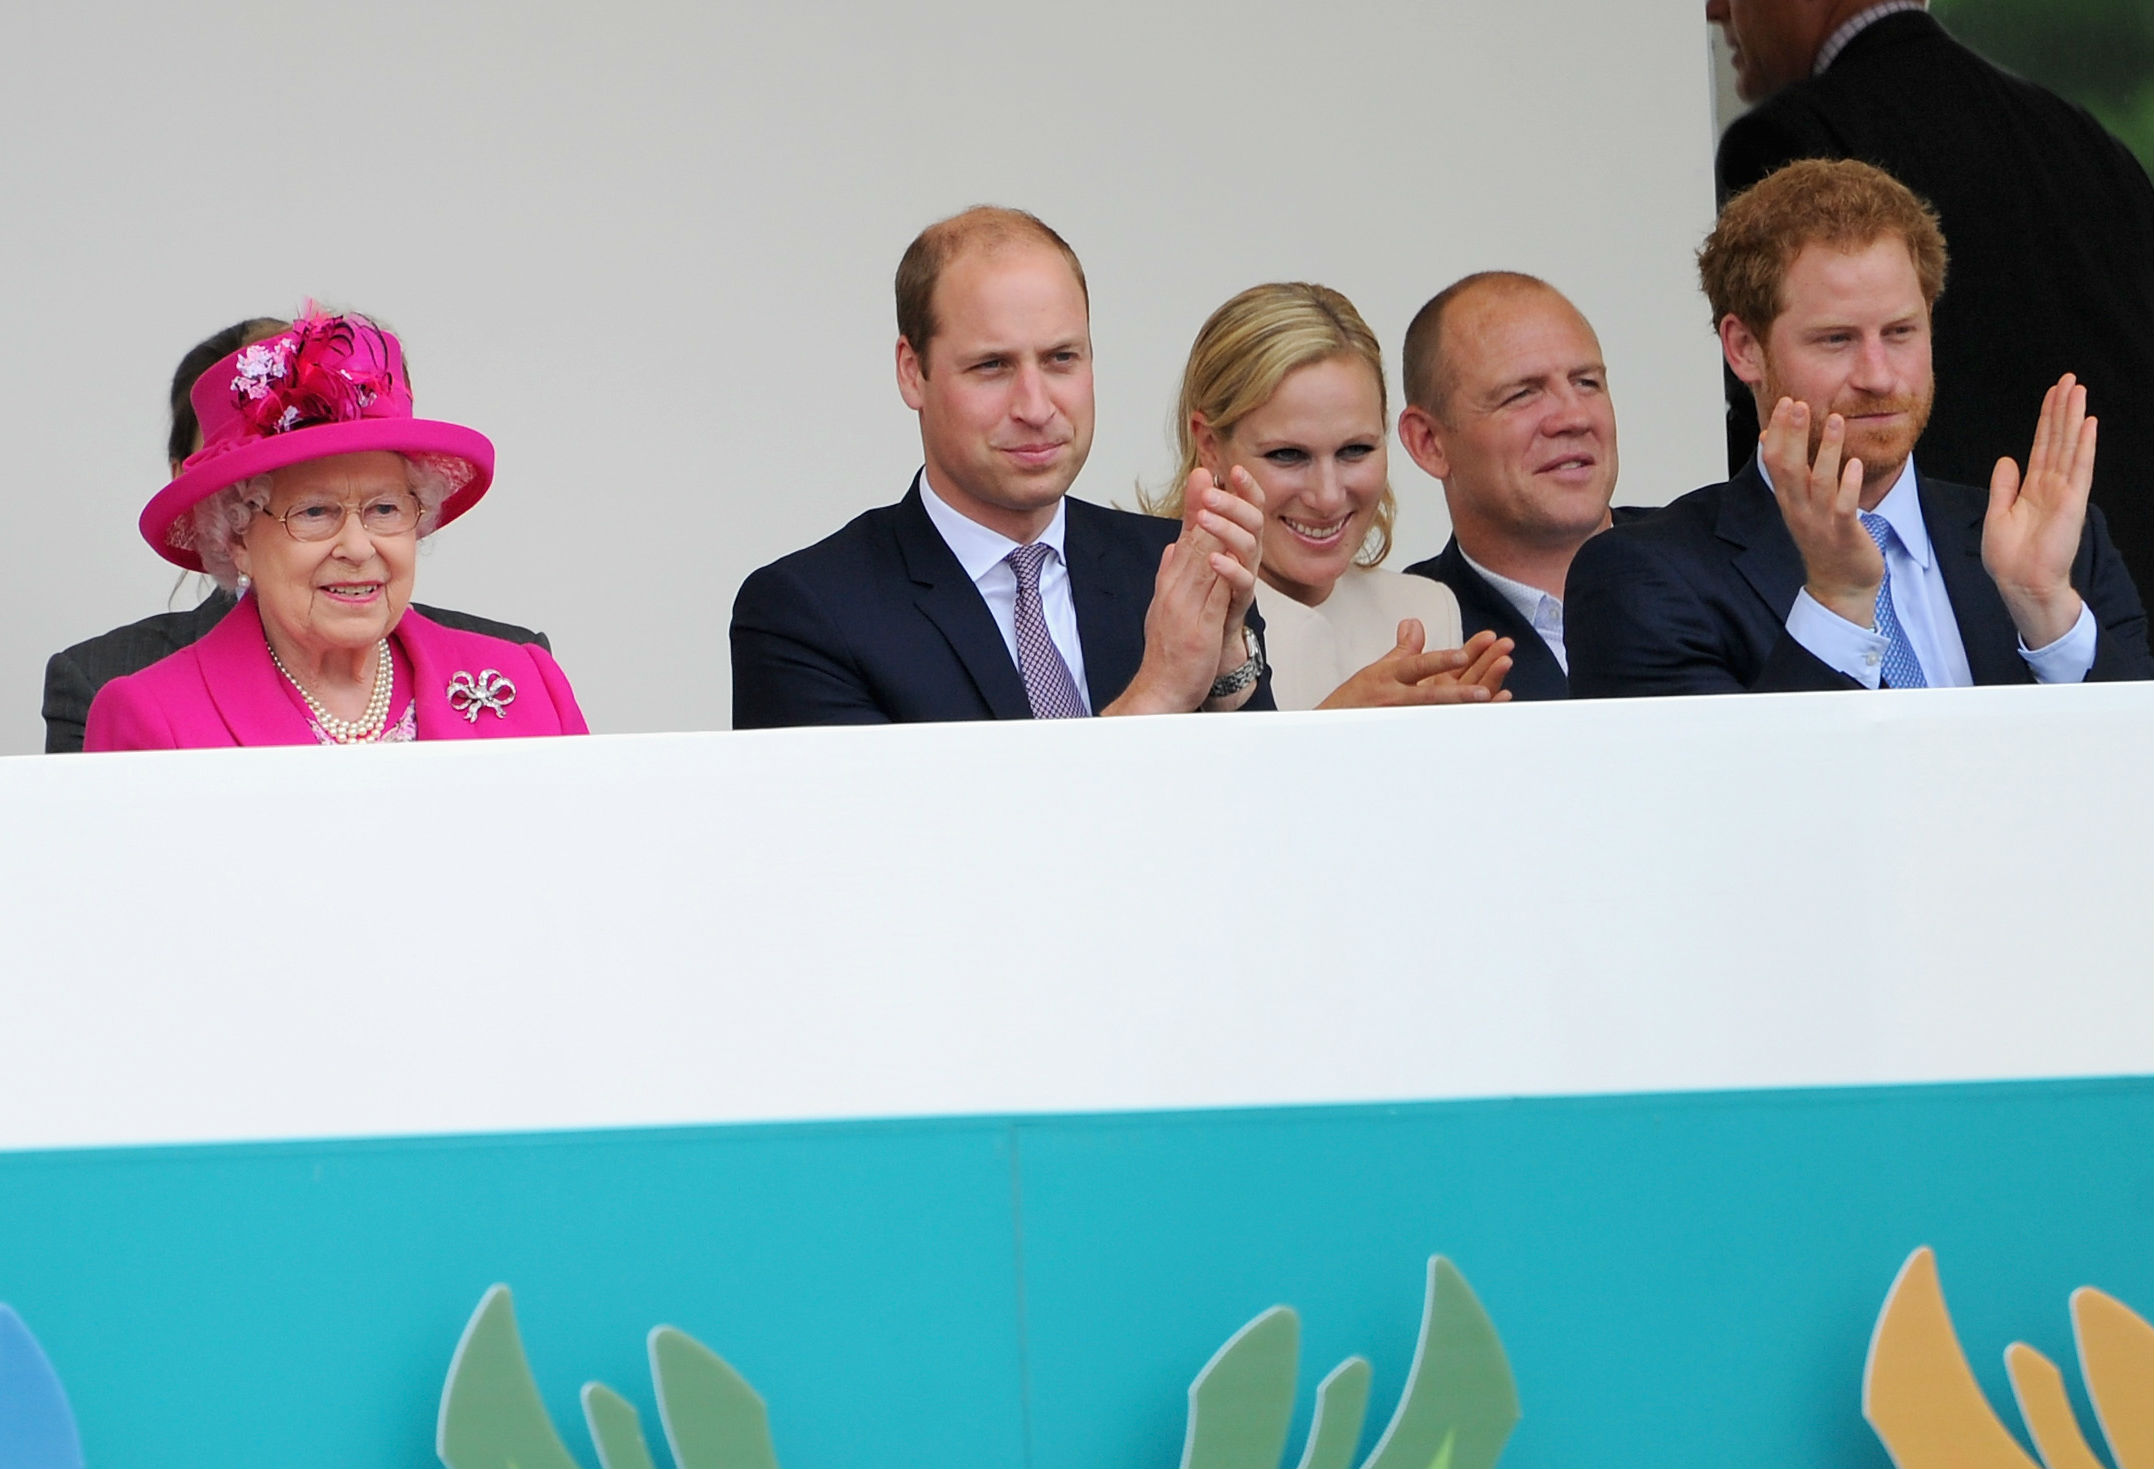 rainha-principe-william-harry